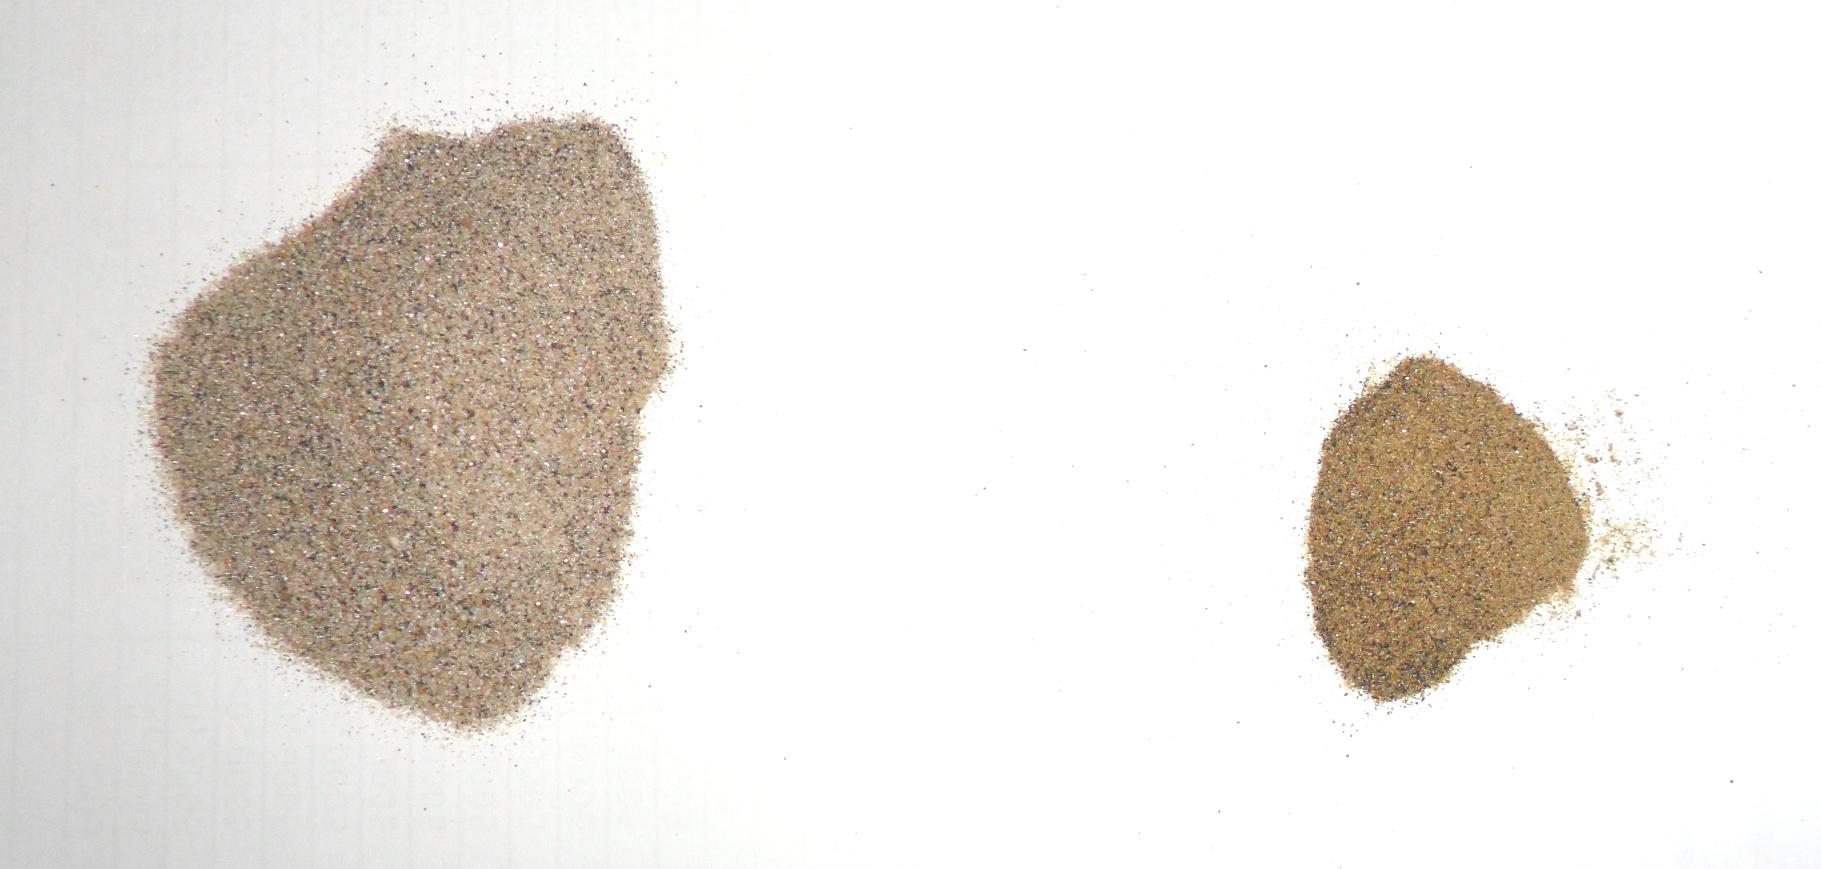 Немагнитные фракции черного песка: весьма слабо магнитный монацит (справа) и совершенно немагнитный циркон (слева)